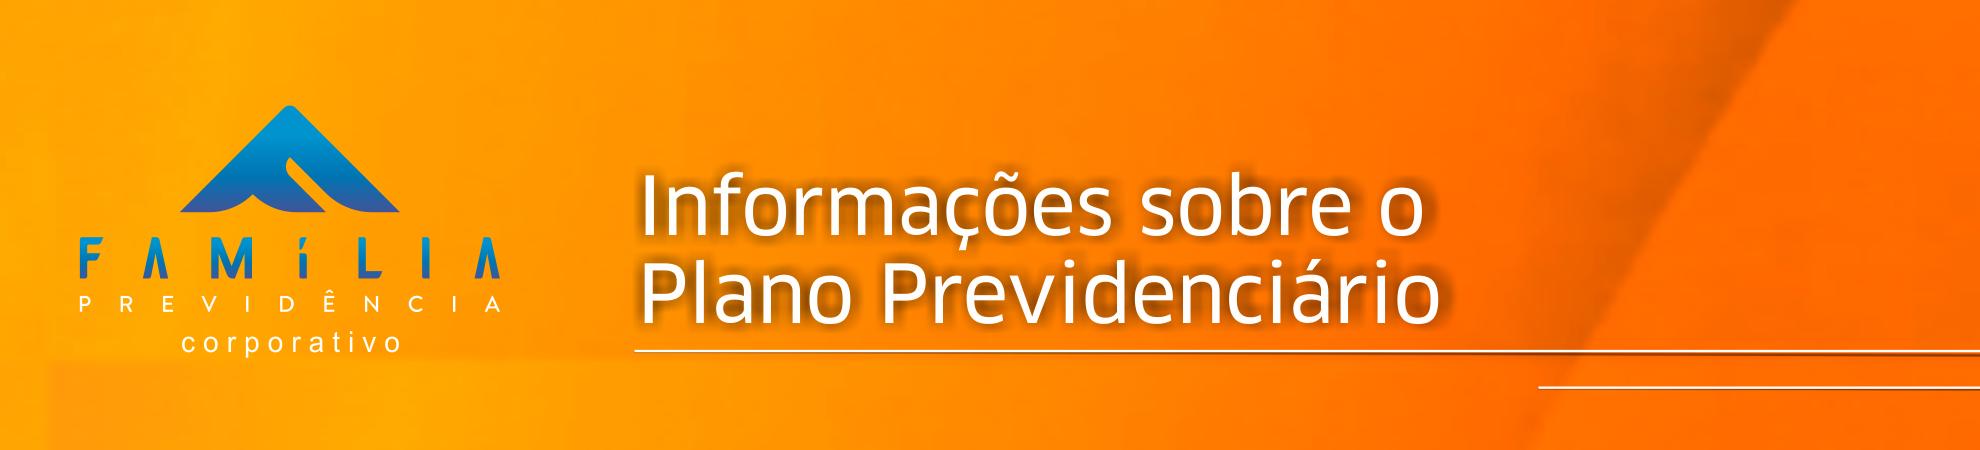 cabecalho_informacoes_familia_corporativo